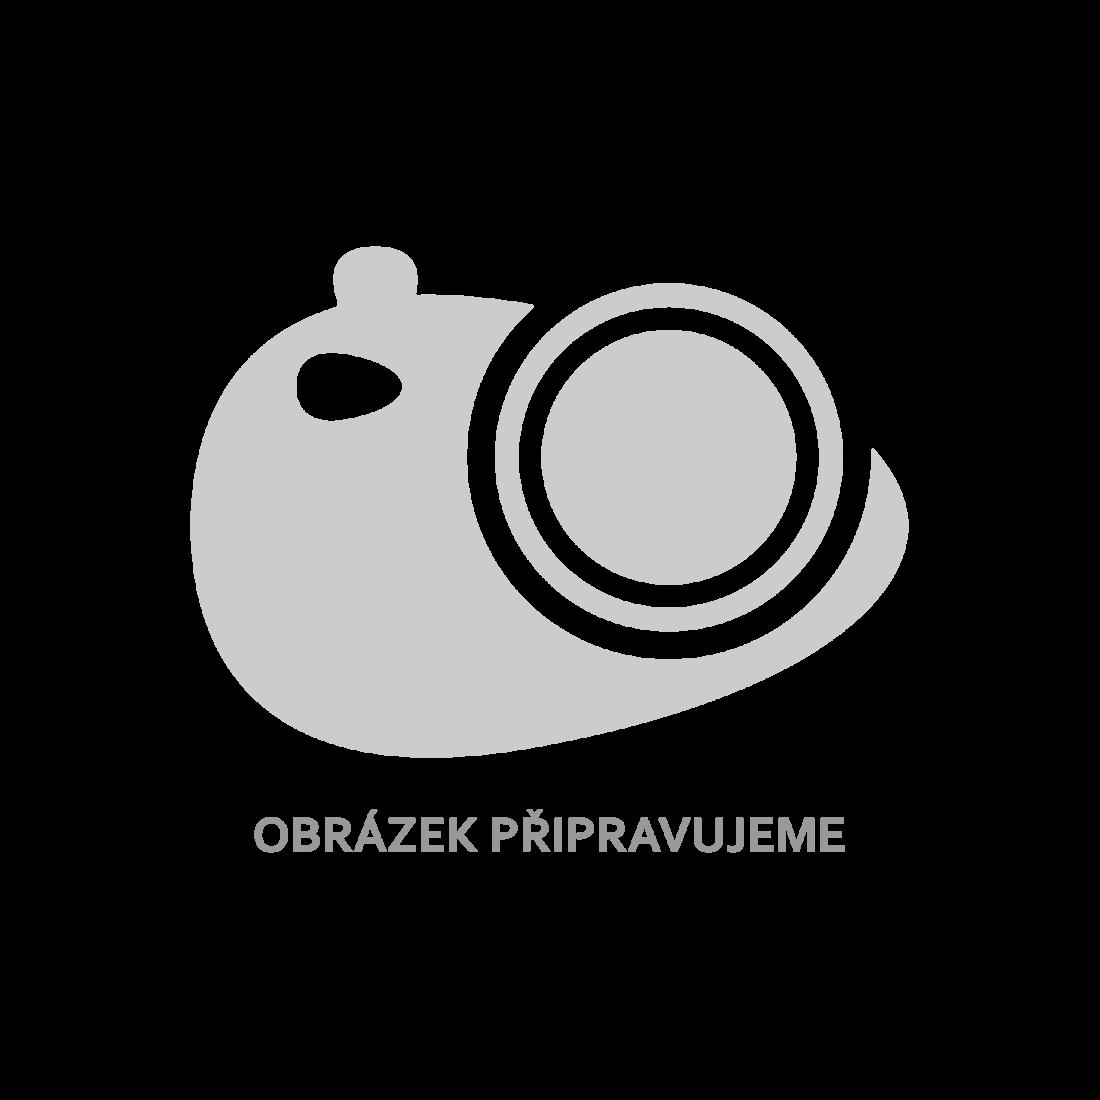 vidaXL Kancelářské stoličky 2 ks červené 35,5 x 98 cm umělá kůže [277177]